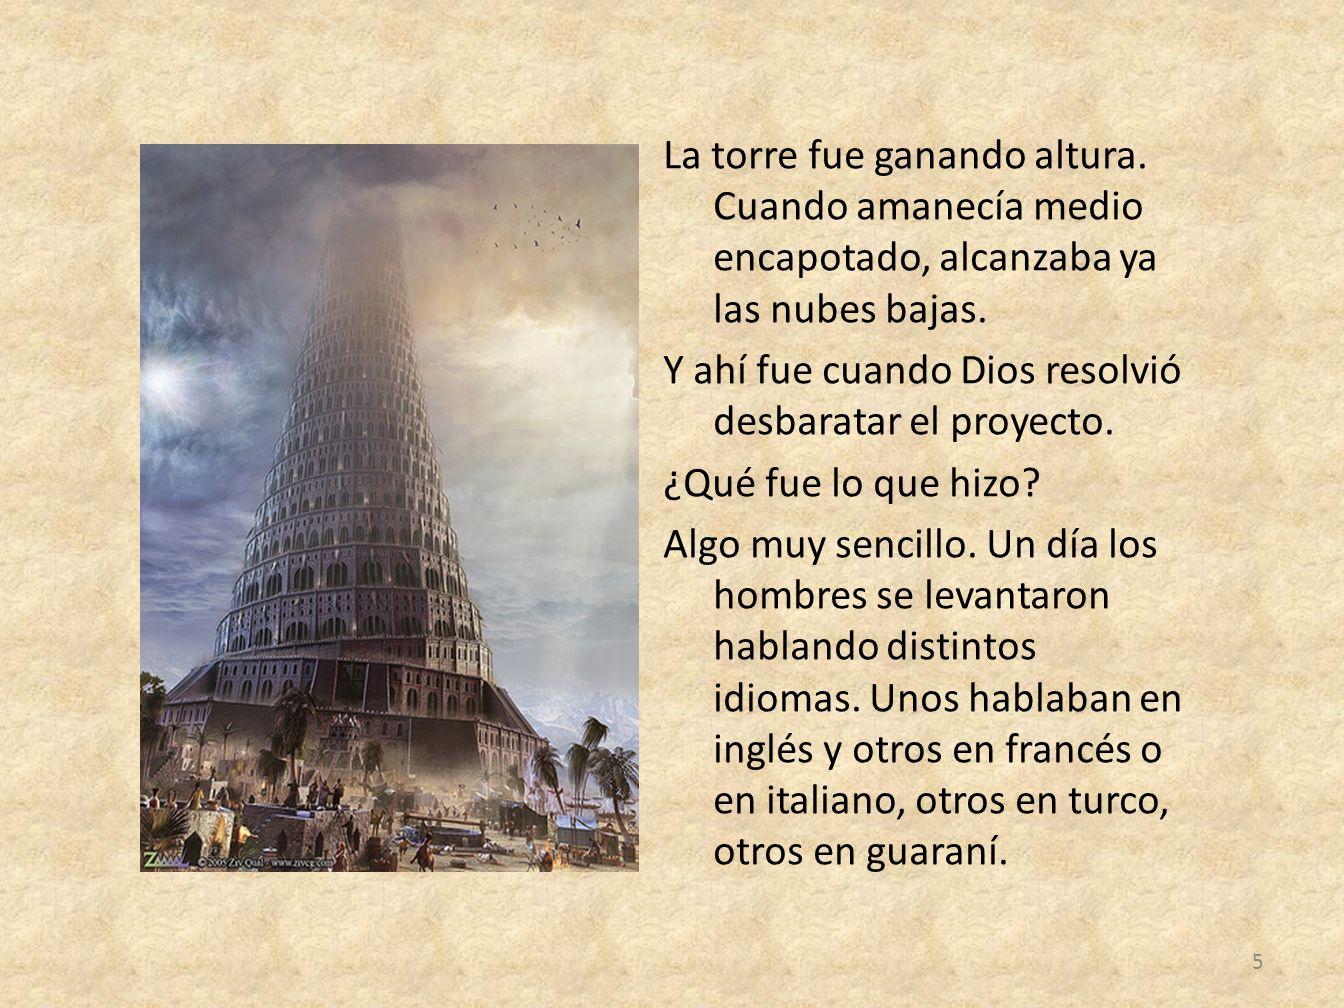 La torre fue ganando altura. Cuando amanecía medio encapotado, alcanzaba ya las nubes bajas. Y ahí fue cuando Dios resolvió desbaratar el proyecto. ¿Q